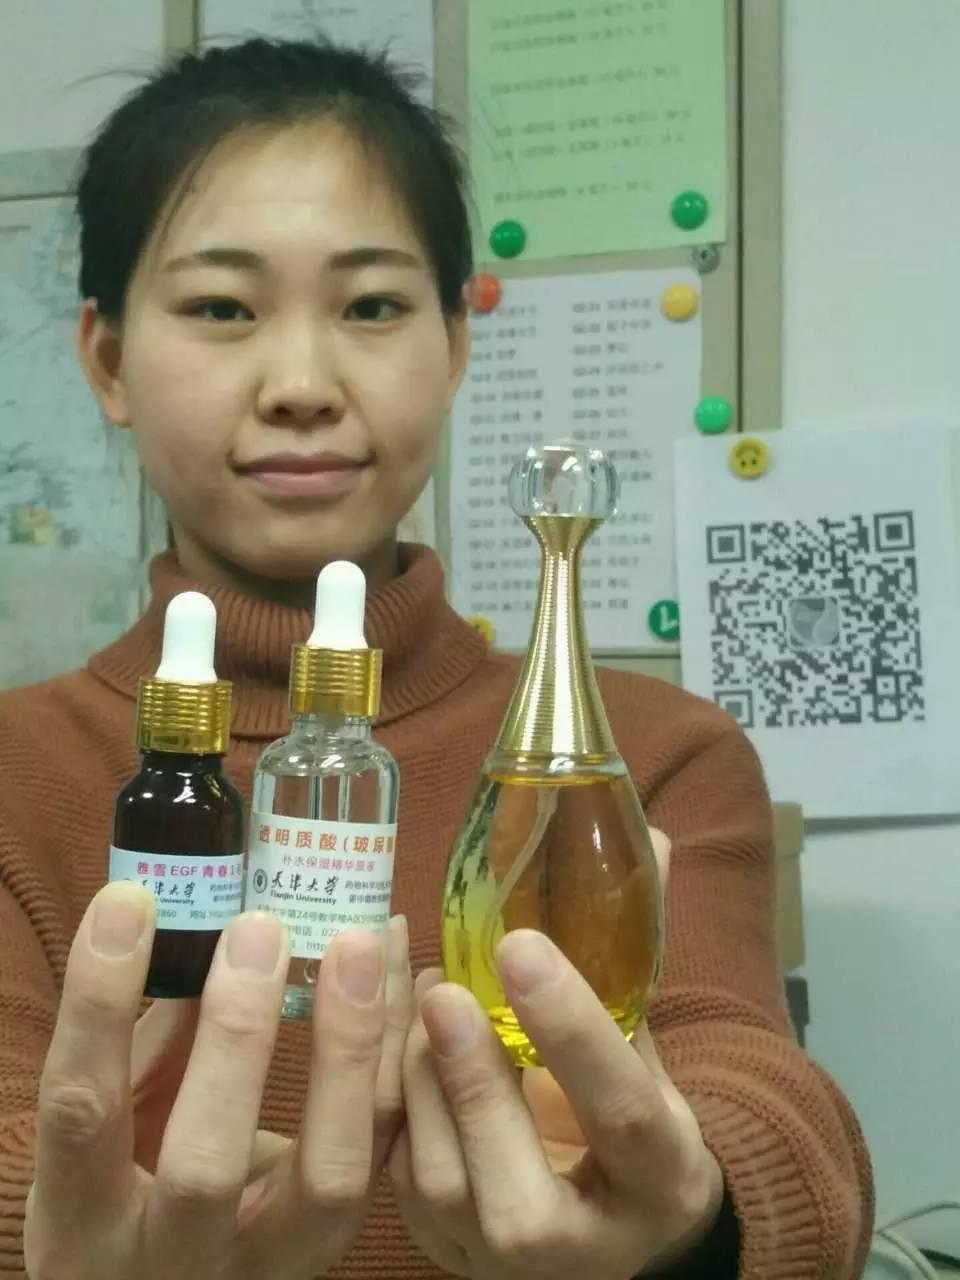 【是真的】澳洲高中高中生研发抗艾神药?整华裔招生办阿克苏图片